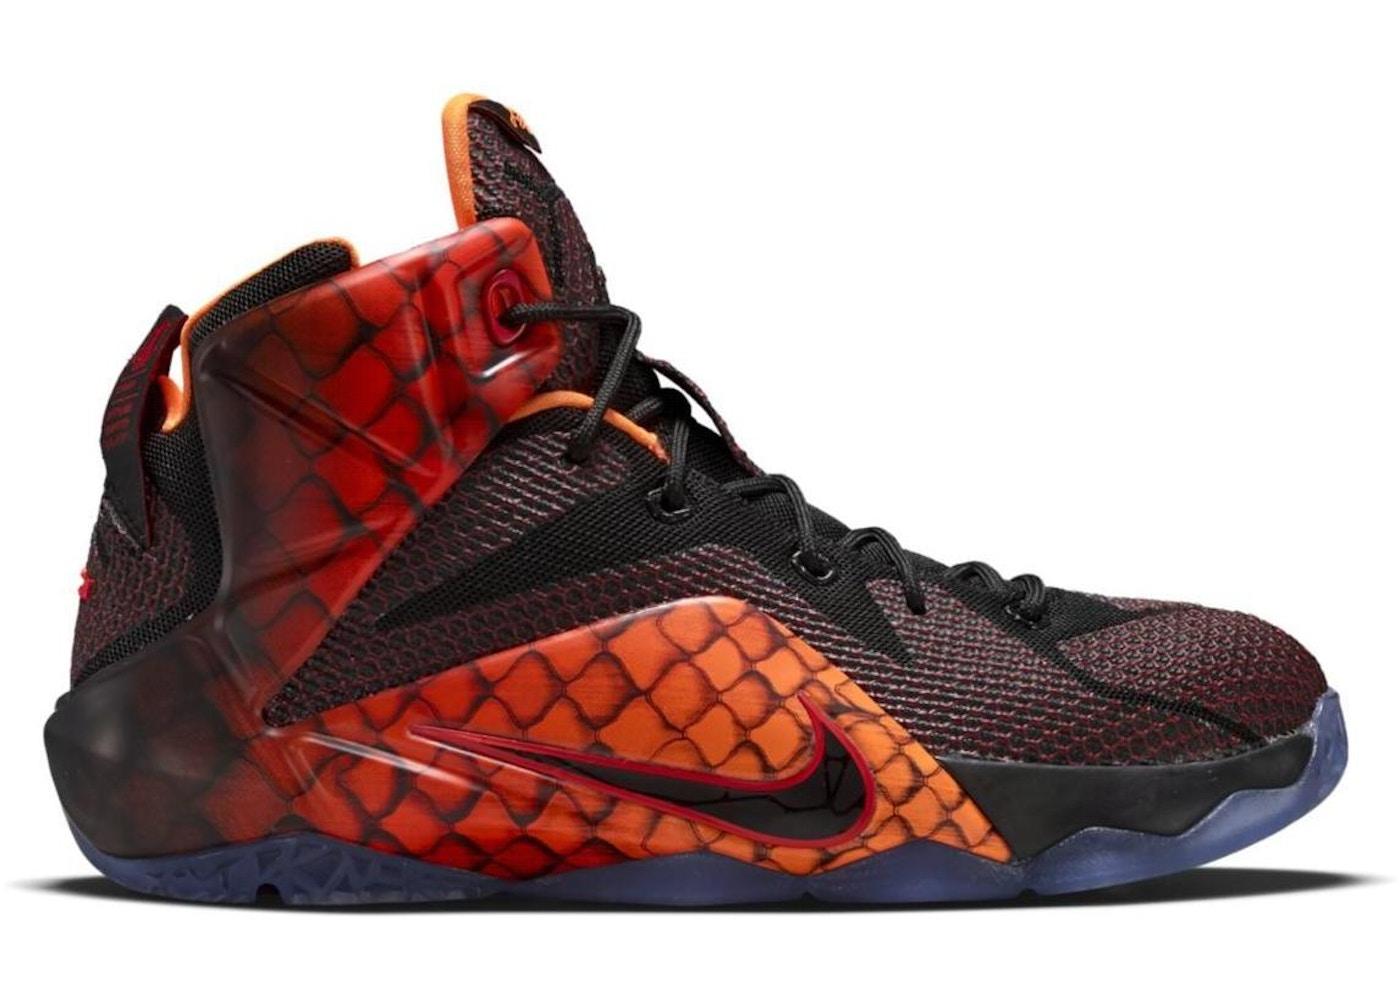 bbcdcaa40bb7e9 Nike LeBron 12 Shoes - Release Date